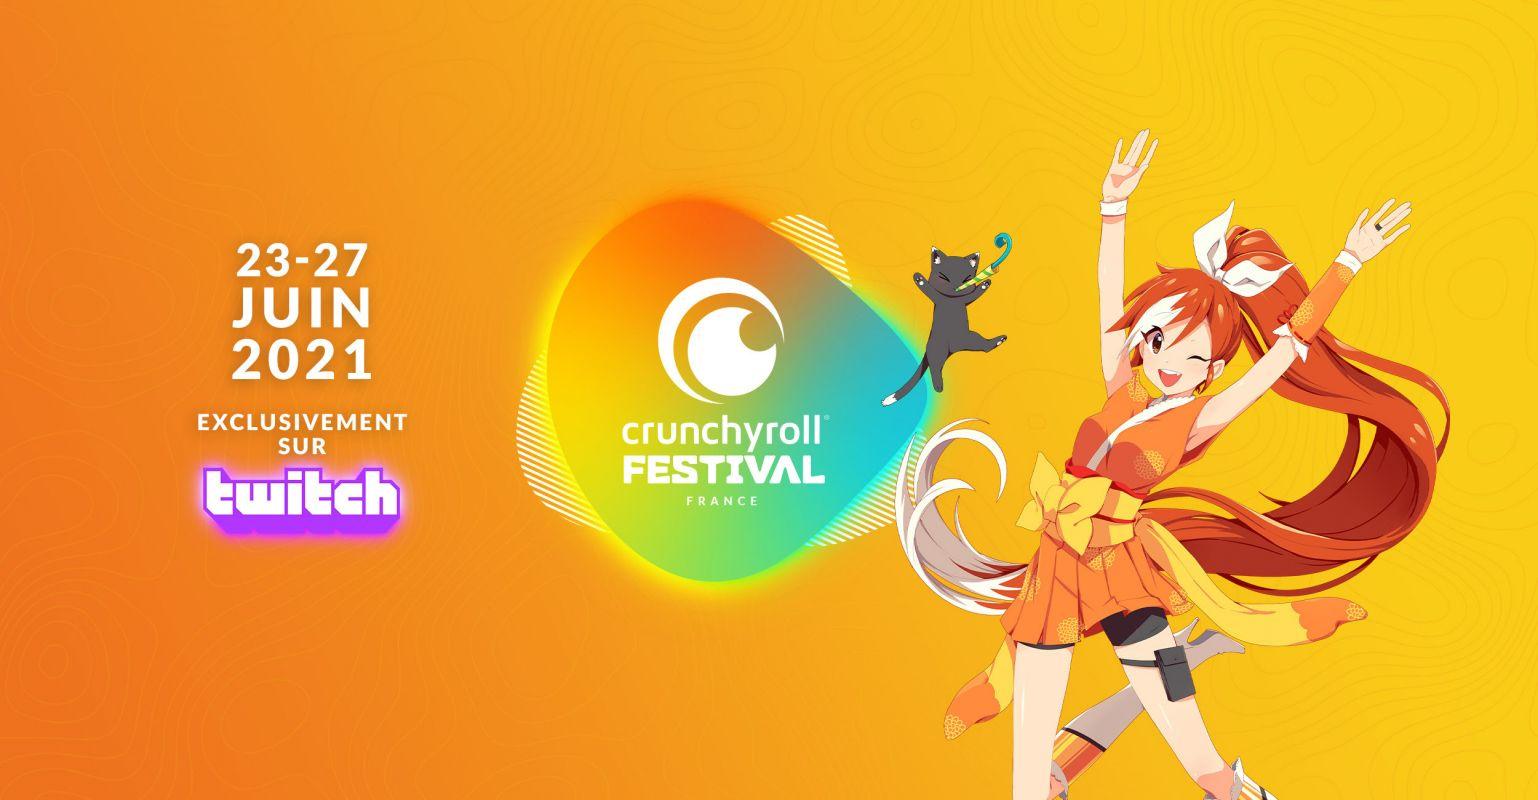 Le Crunchyroll festival démarre bientôt